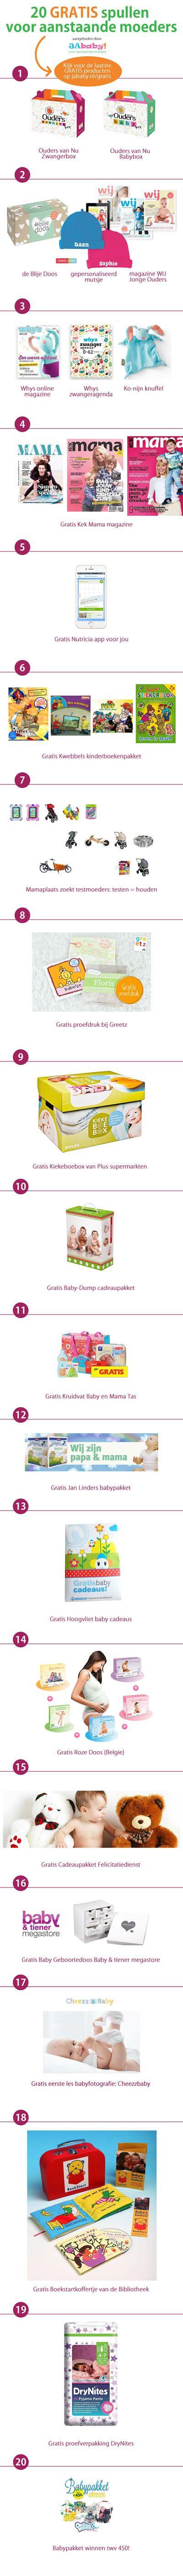 Eindelijk een opsomming van alle GRATIS babyproducten, cadeauboxen, pakketten en spullen voor zwangeren.